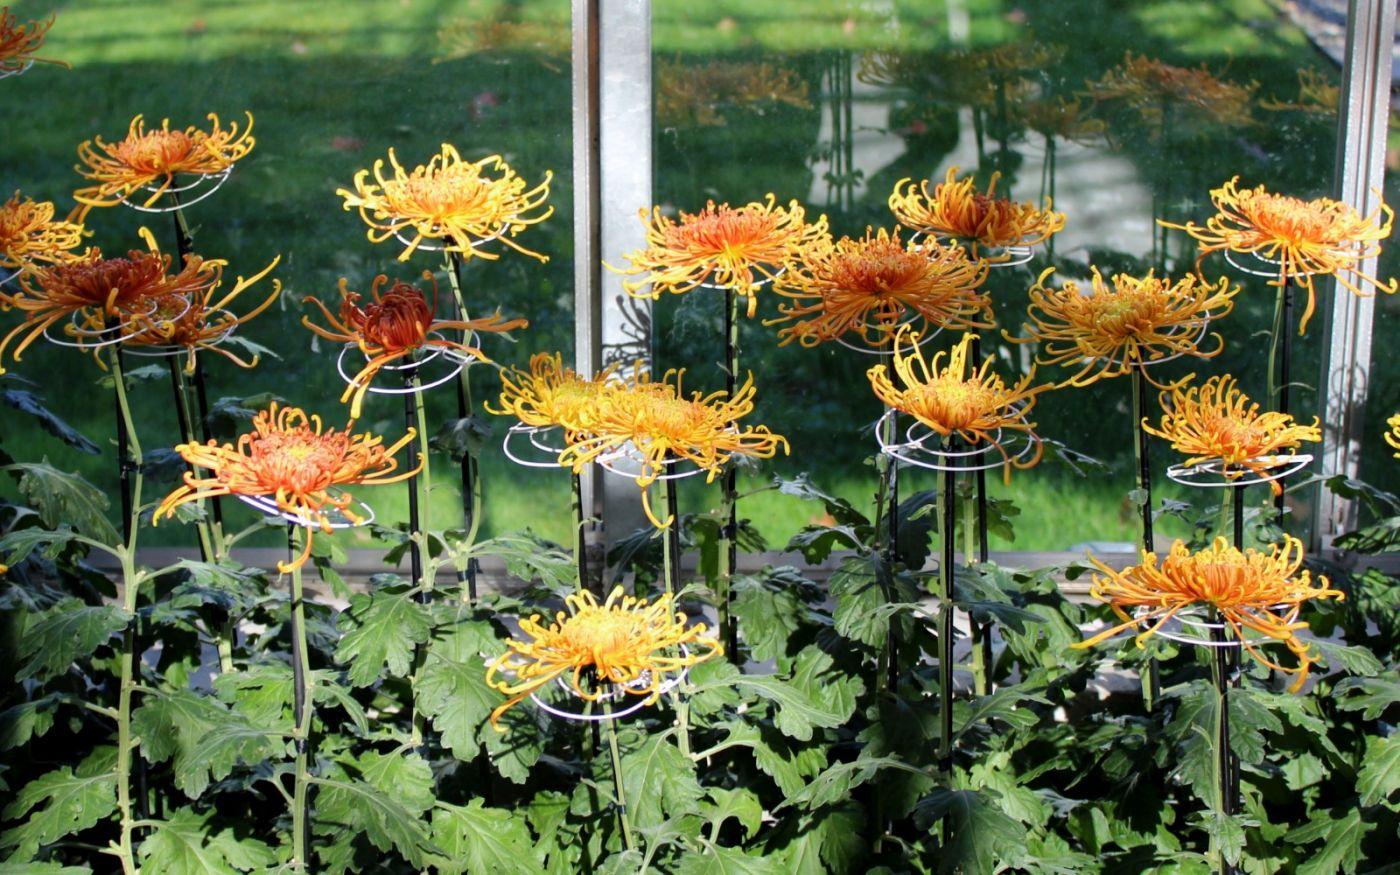 植物园日本菊花展_图1-25